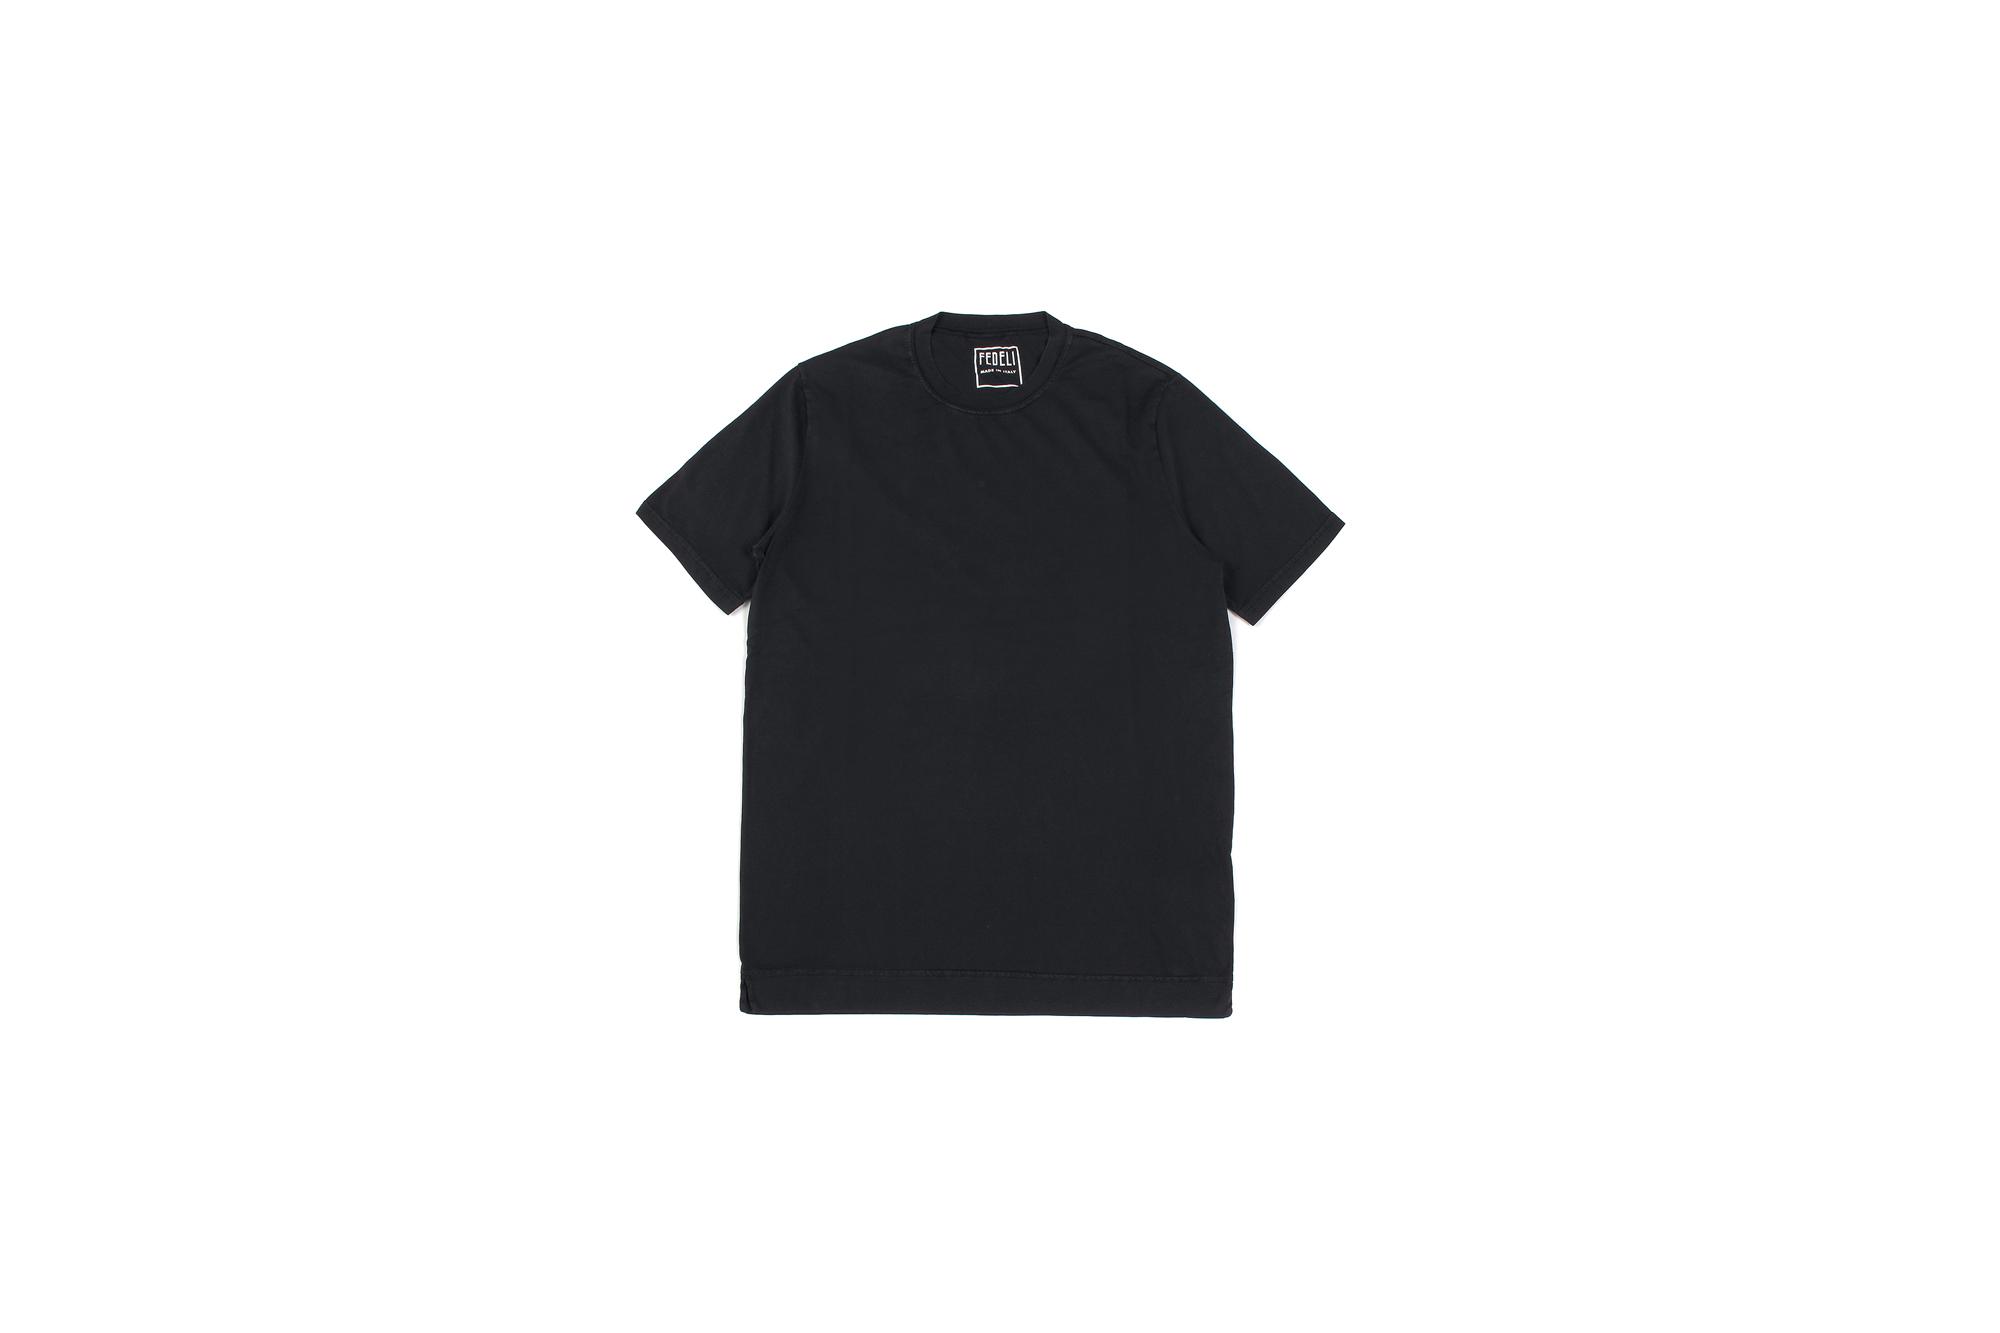 FEDELI(フェデーリ) Crew Neck T-shirt (クルーネック Tシャツ) ギザコットン Tシャツ BLACK (ブラック・36) made in italy (イタリア製) 2020 春夏 【ご予約開始】愛知 名古屋 altoediritto アルトエデリット TEE